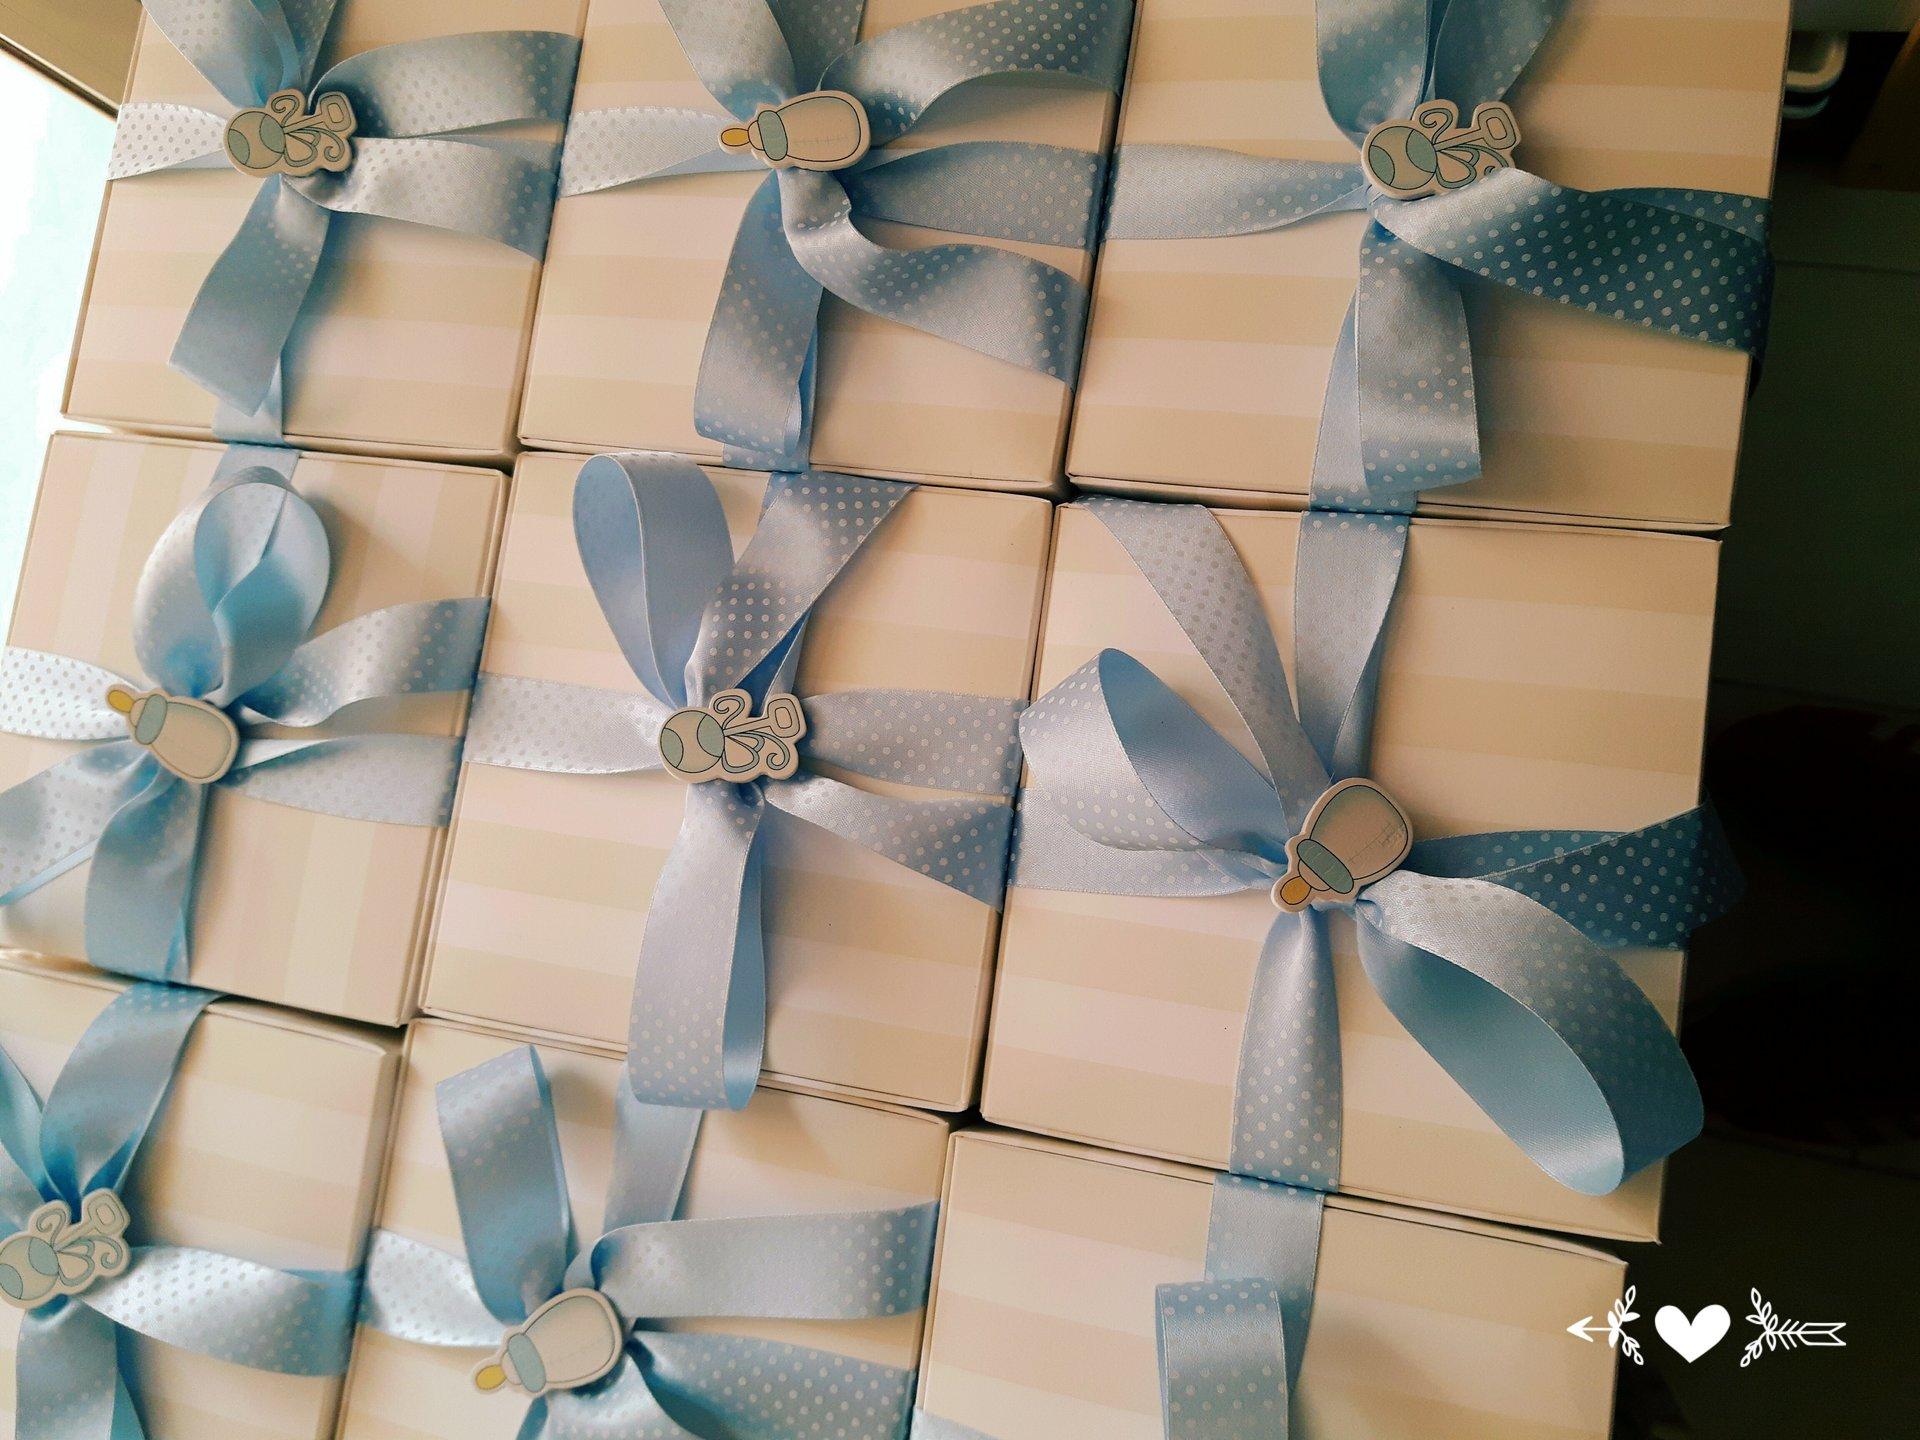 confezioni regalo con nastro azzurro